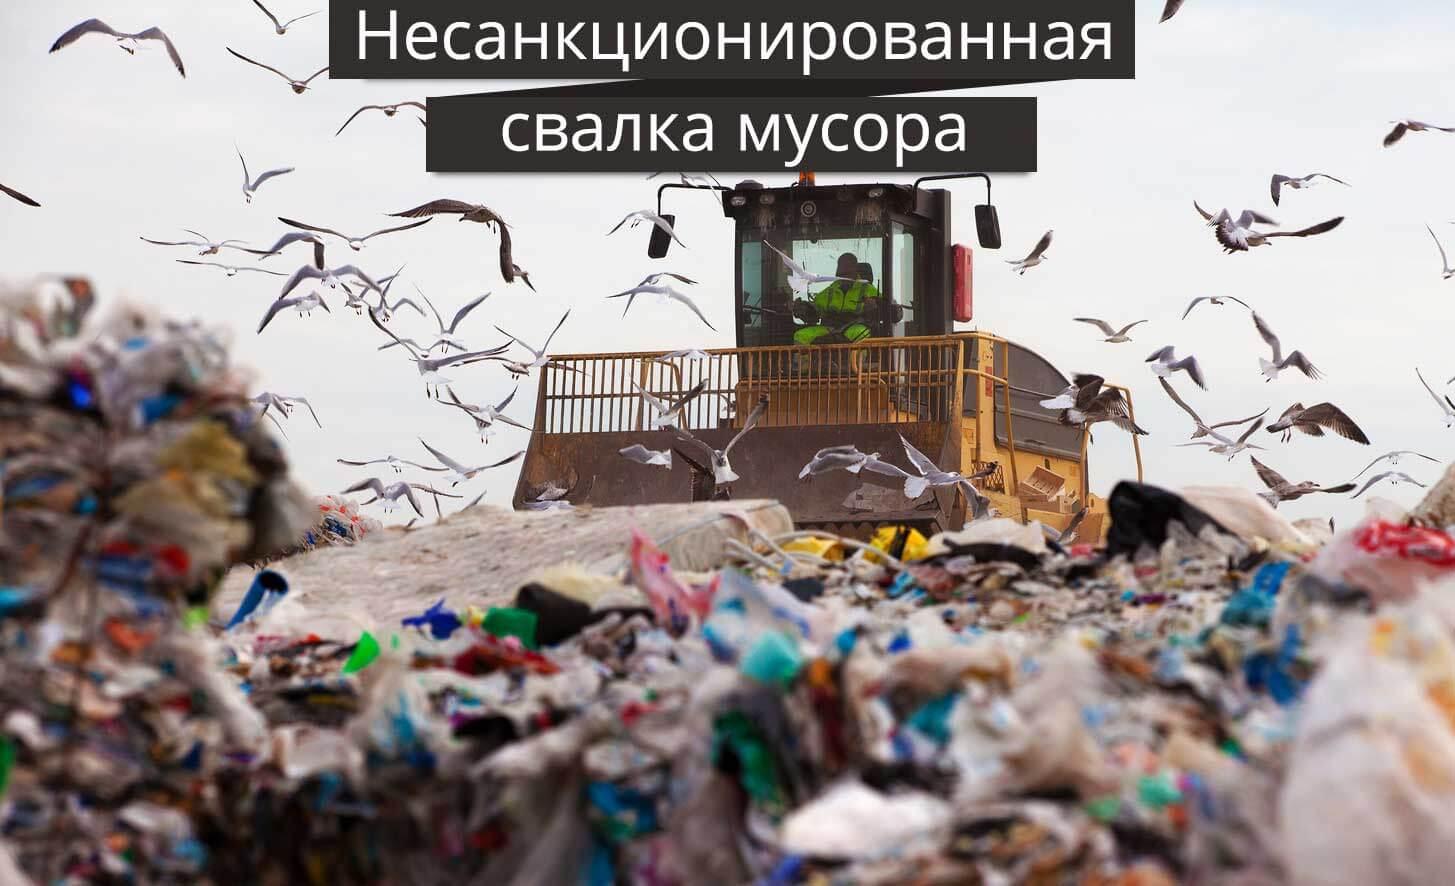 Что такое несанкционированная свалка мусора и кто должен ее убирать